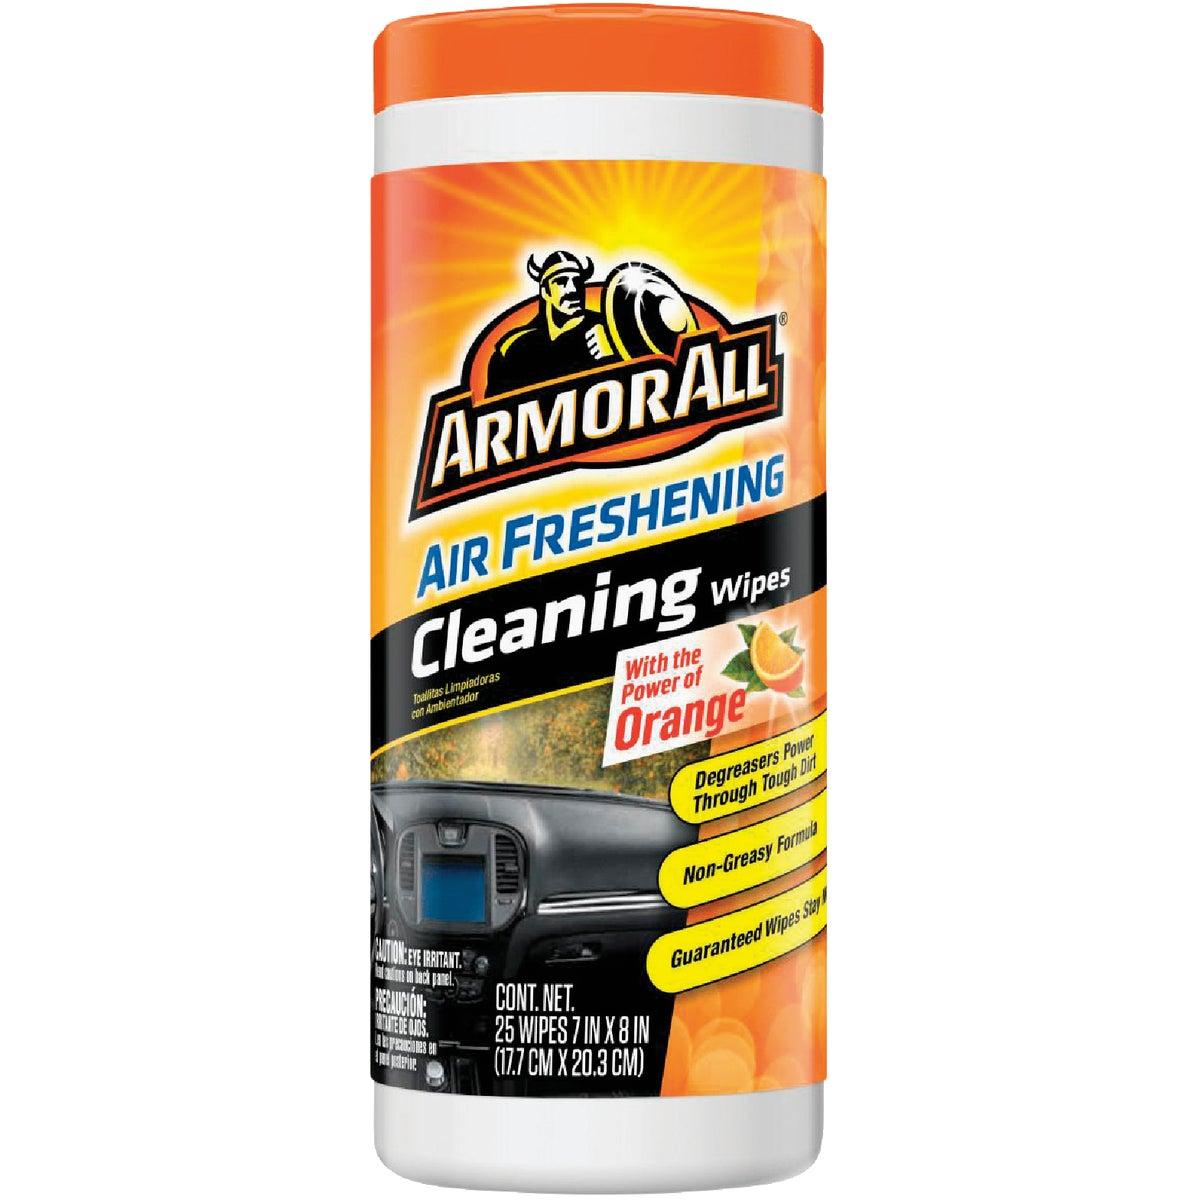 Armor All Orange Multi-Purpose Wipes